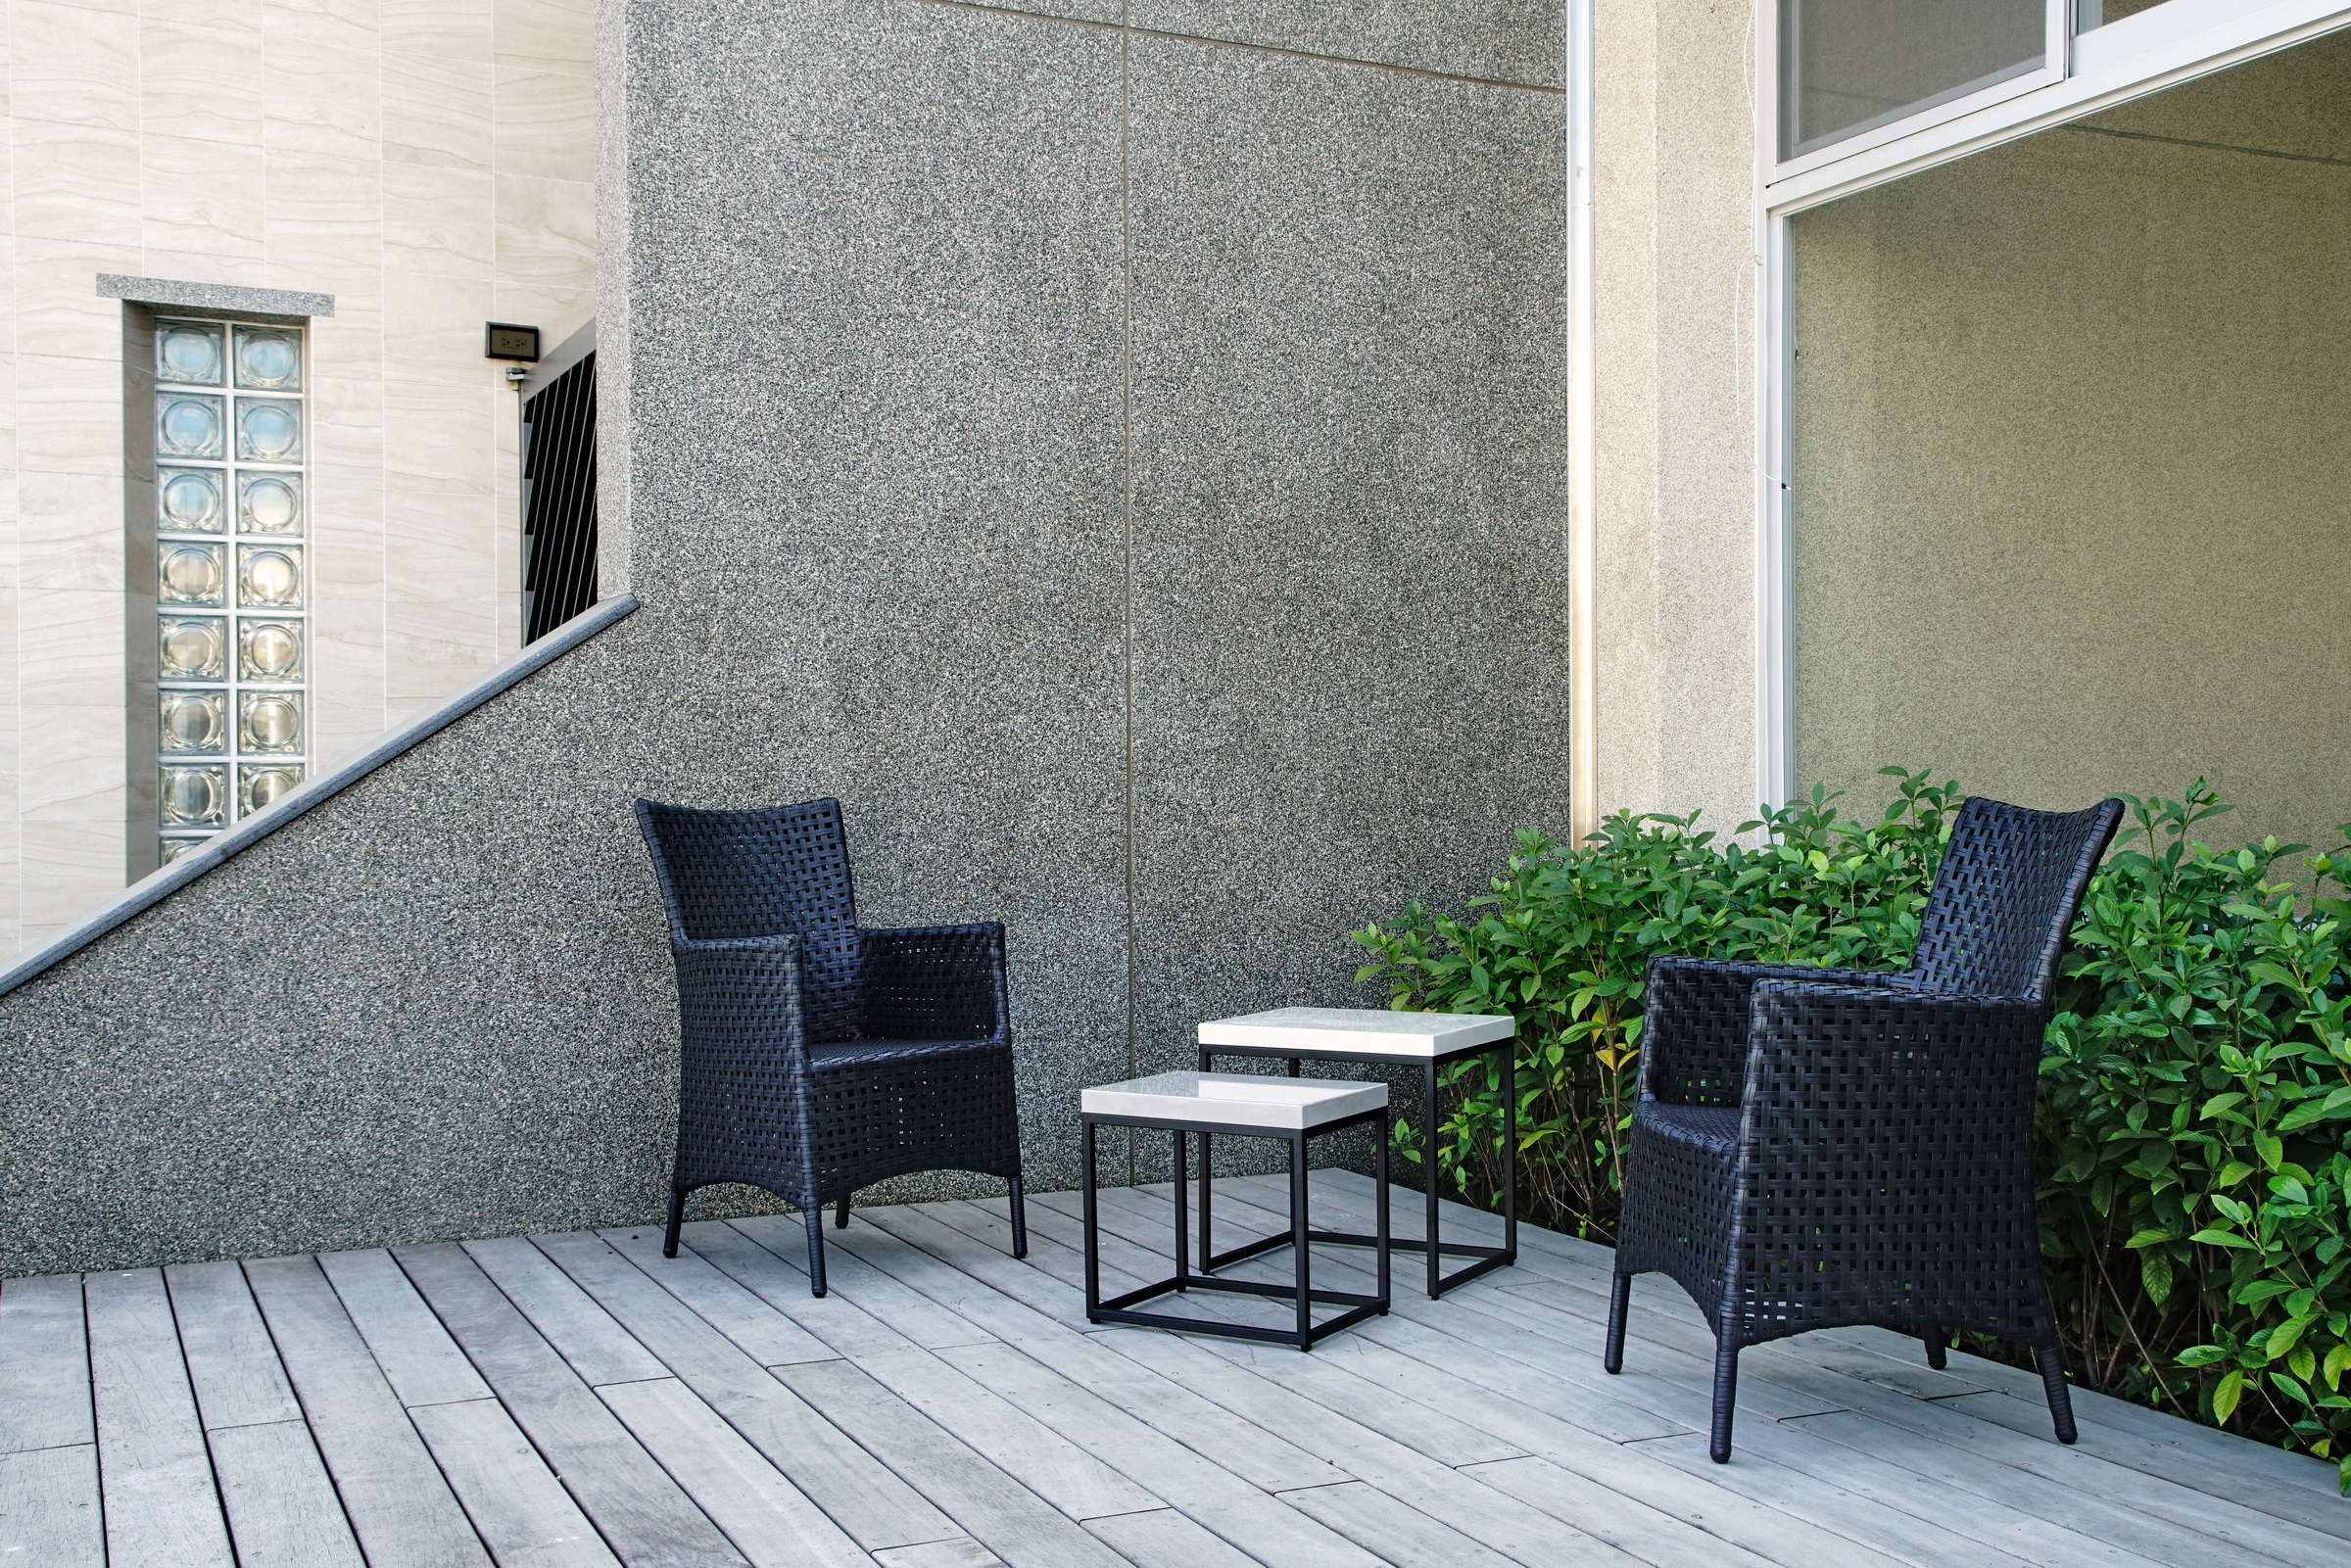 綠合系列簍空黑色編籐扶手椅+子母茶几